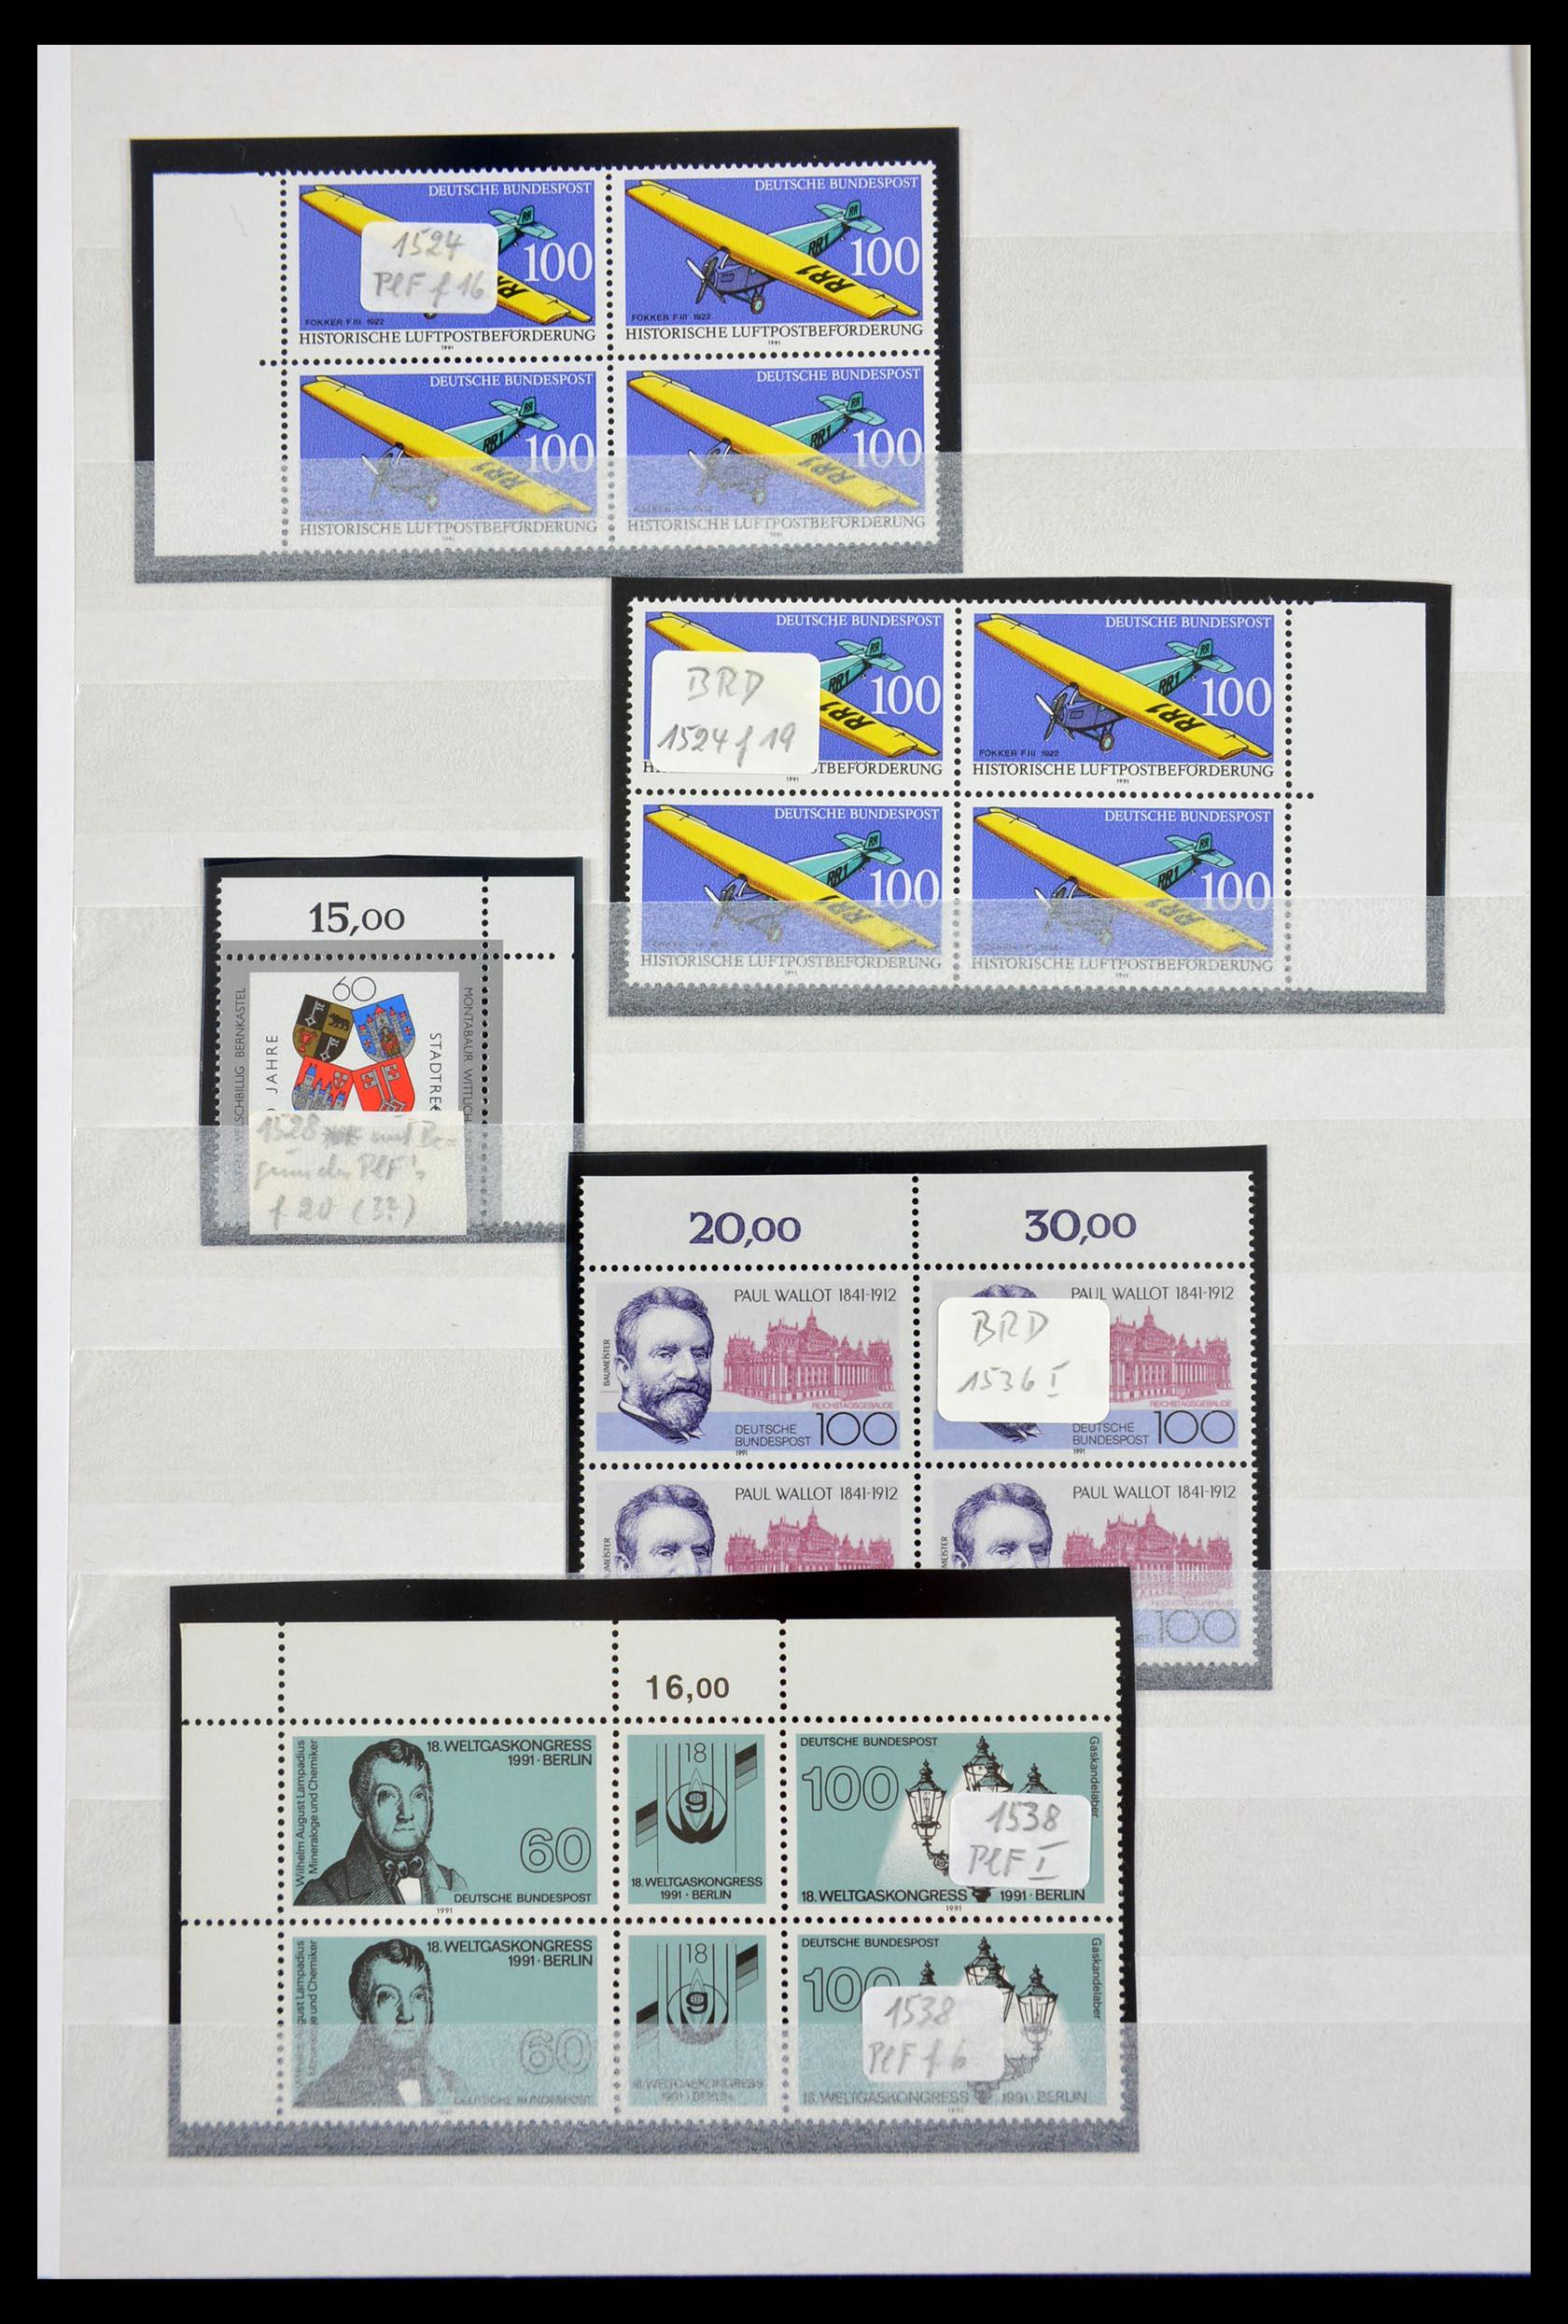 29491 020 - 29491 Bundespost plateflaws 1957-1994.